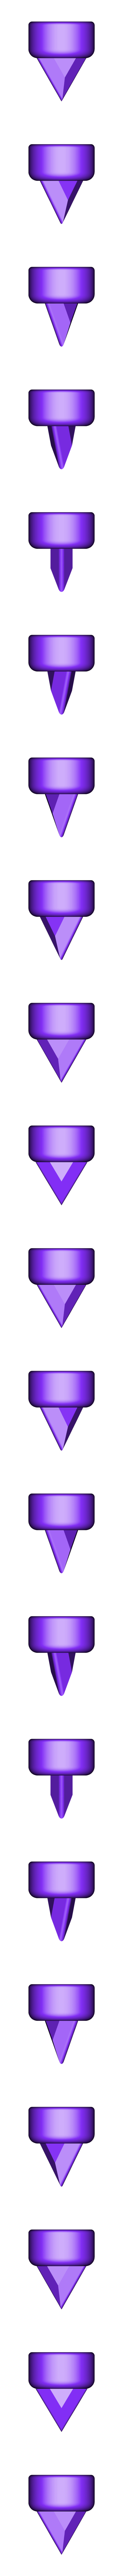 king's spear 12.stl Télécharger fichier STL gratuit King's Chastiefol • Design pour imprimante 3D, ChrisBobo